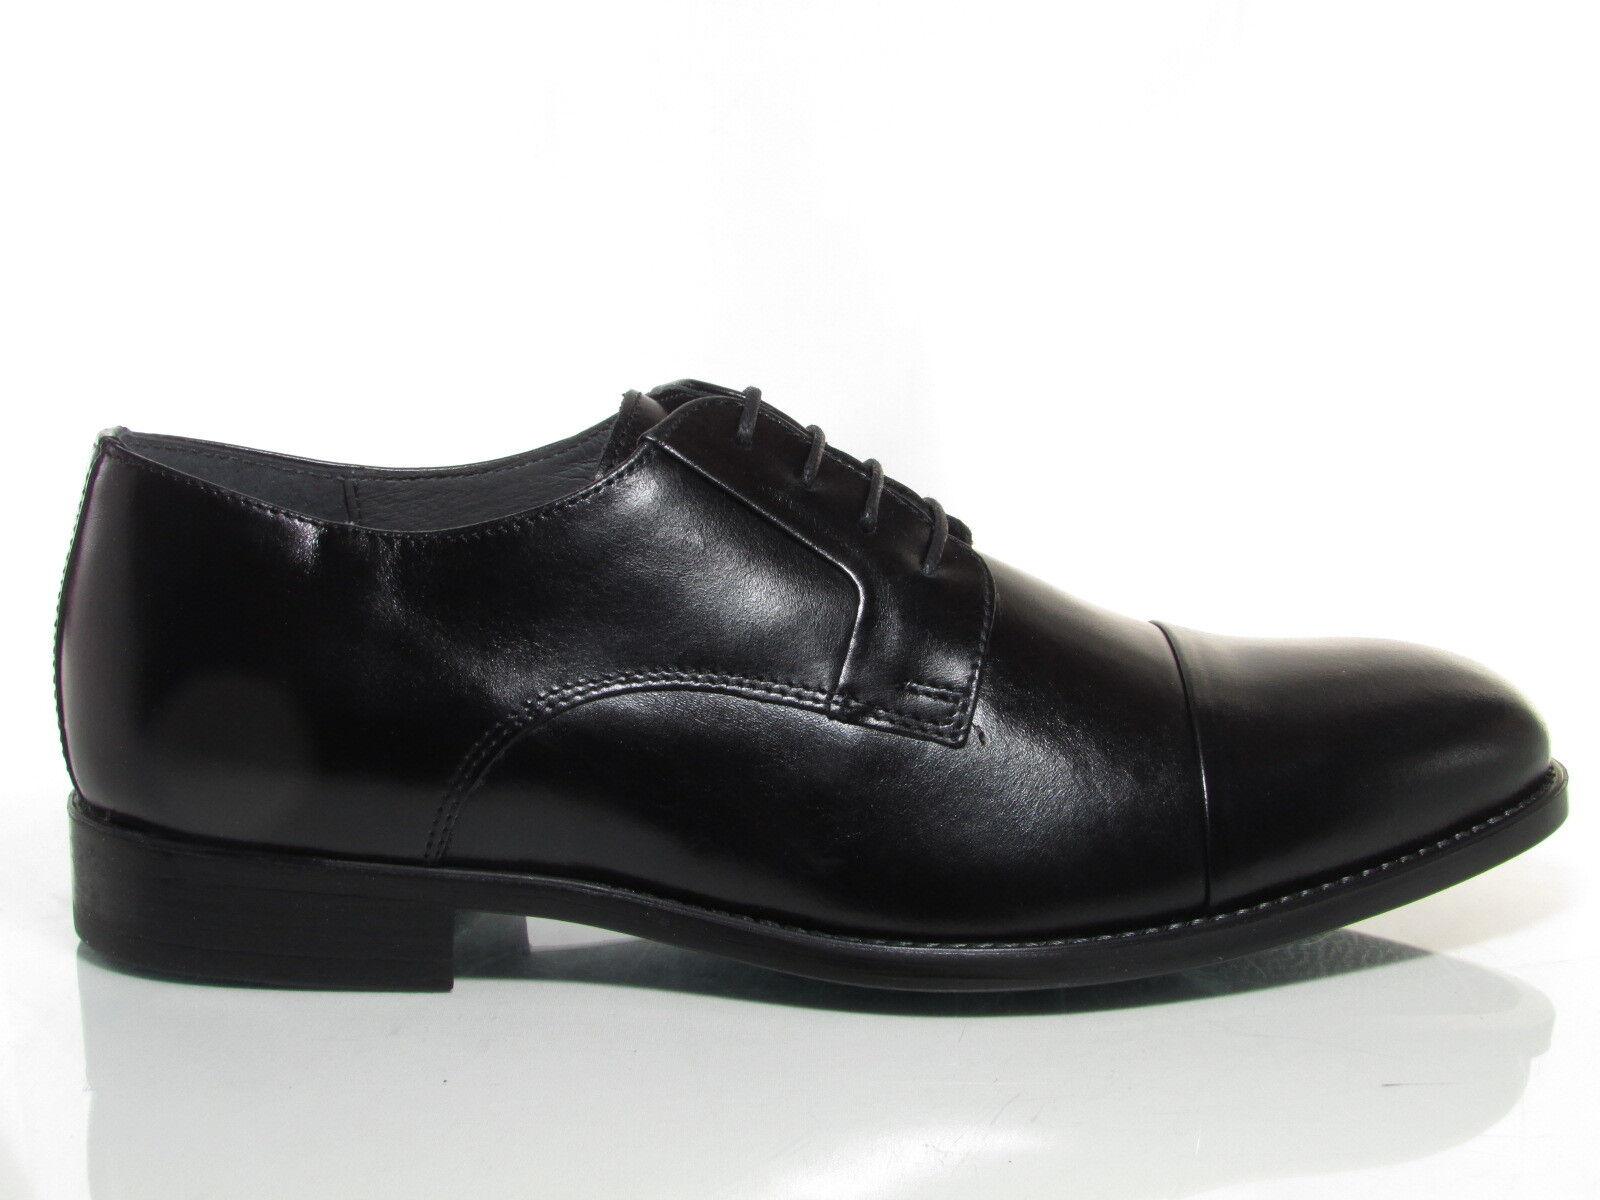 Valleverde 46802 scarpe uomo classiche francesina pelle nero Scarpe classiche da uomo